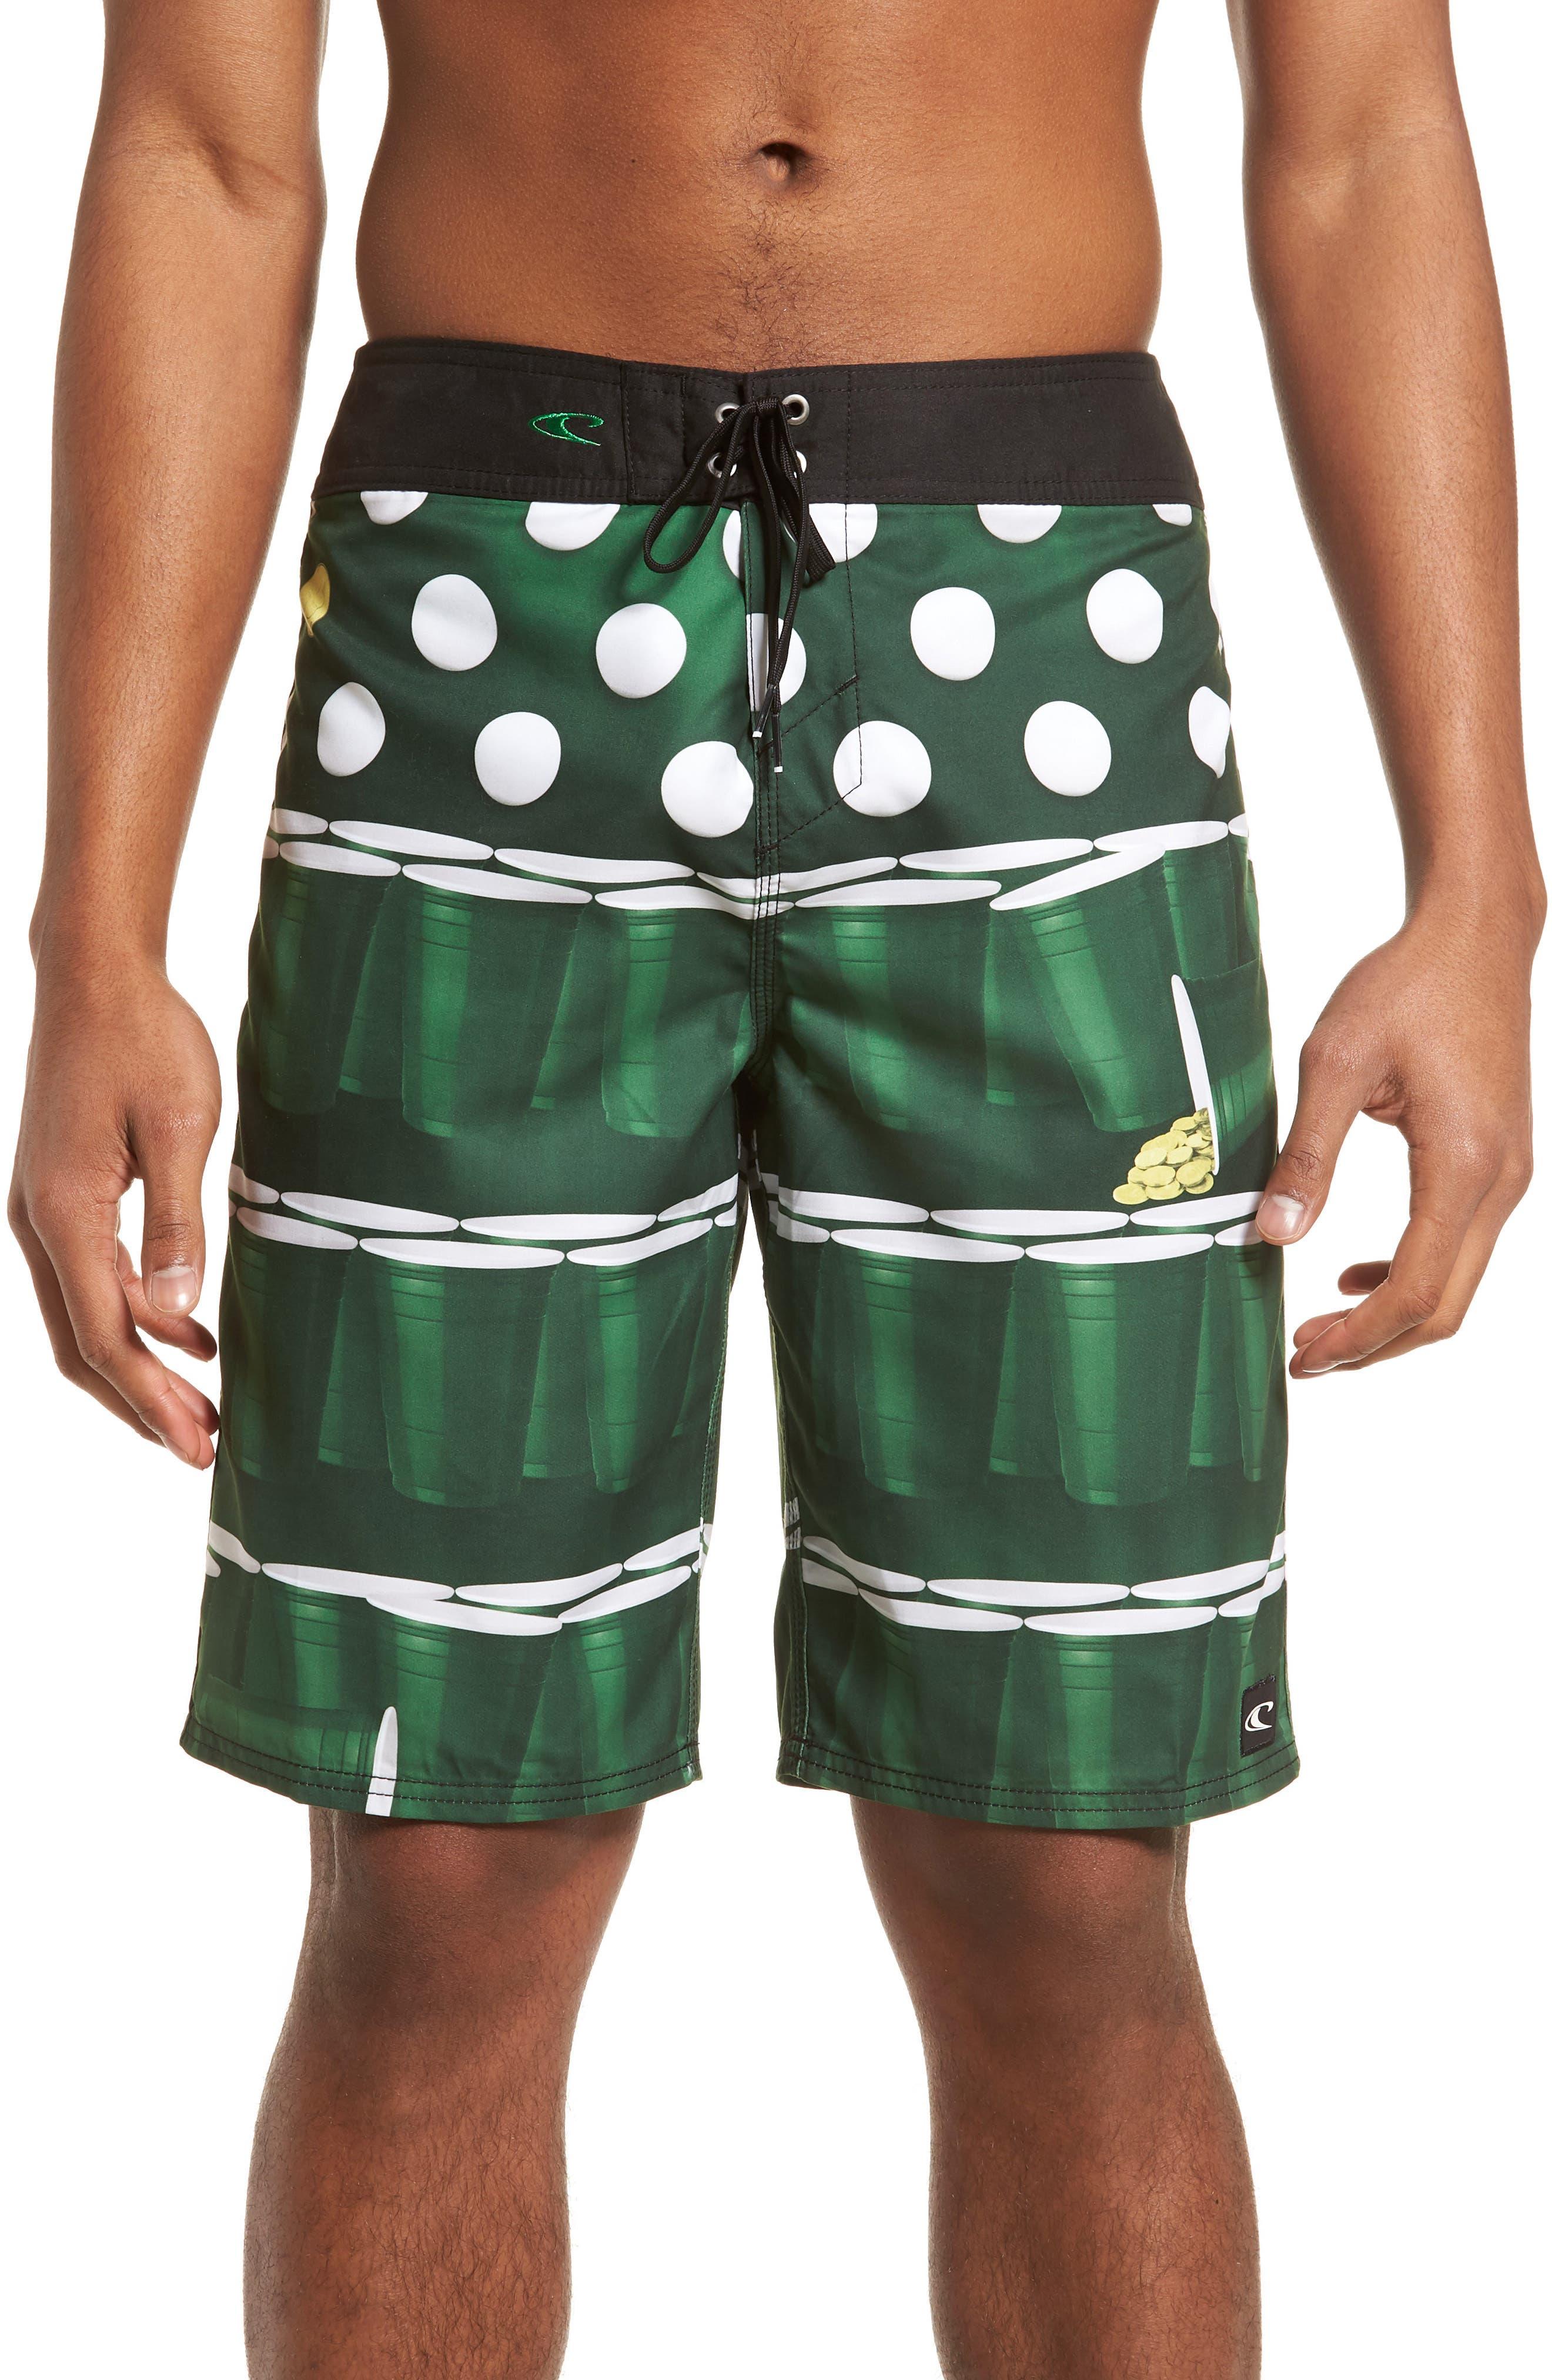 St. Paddy's Pong Board Shorts,                             Main thumbnail 1, color,                             300